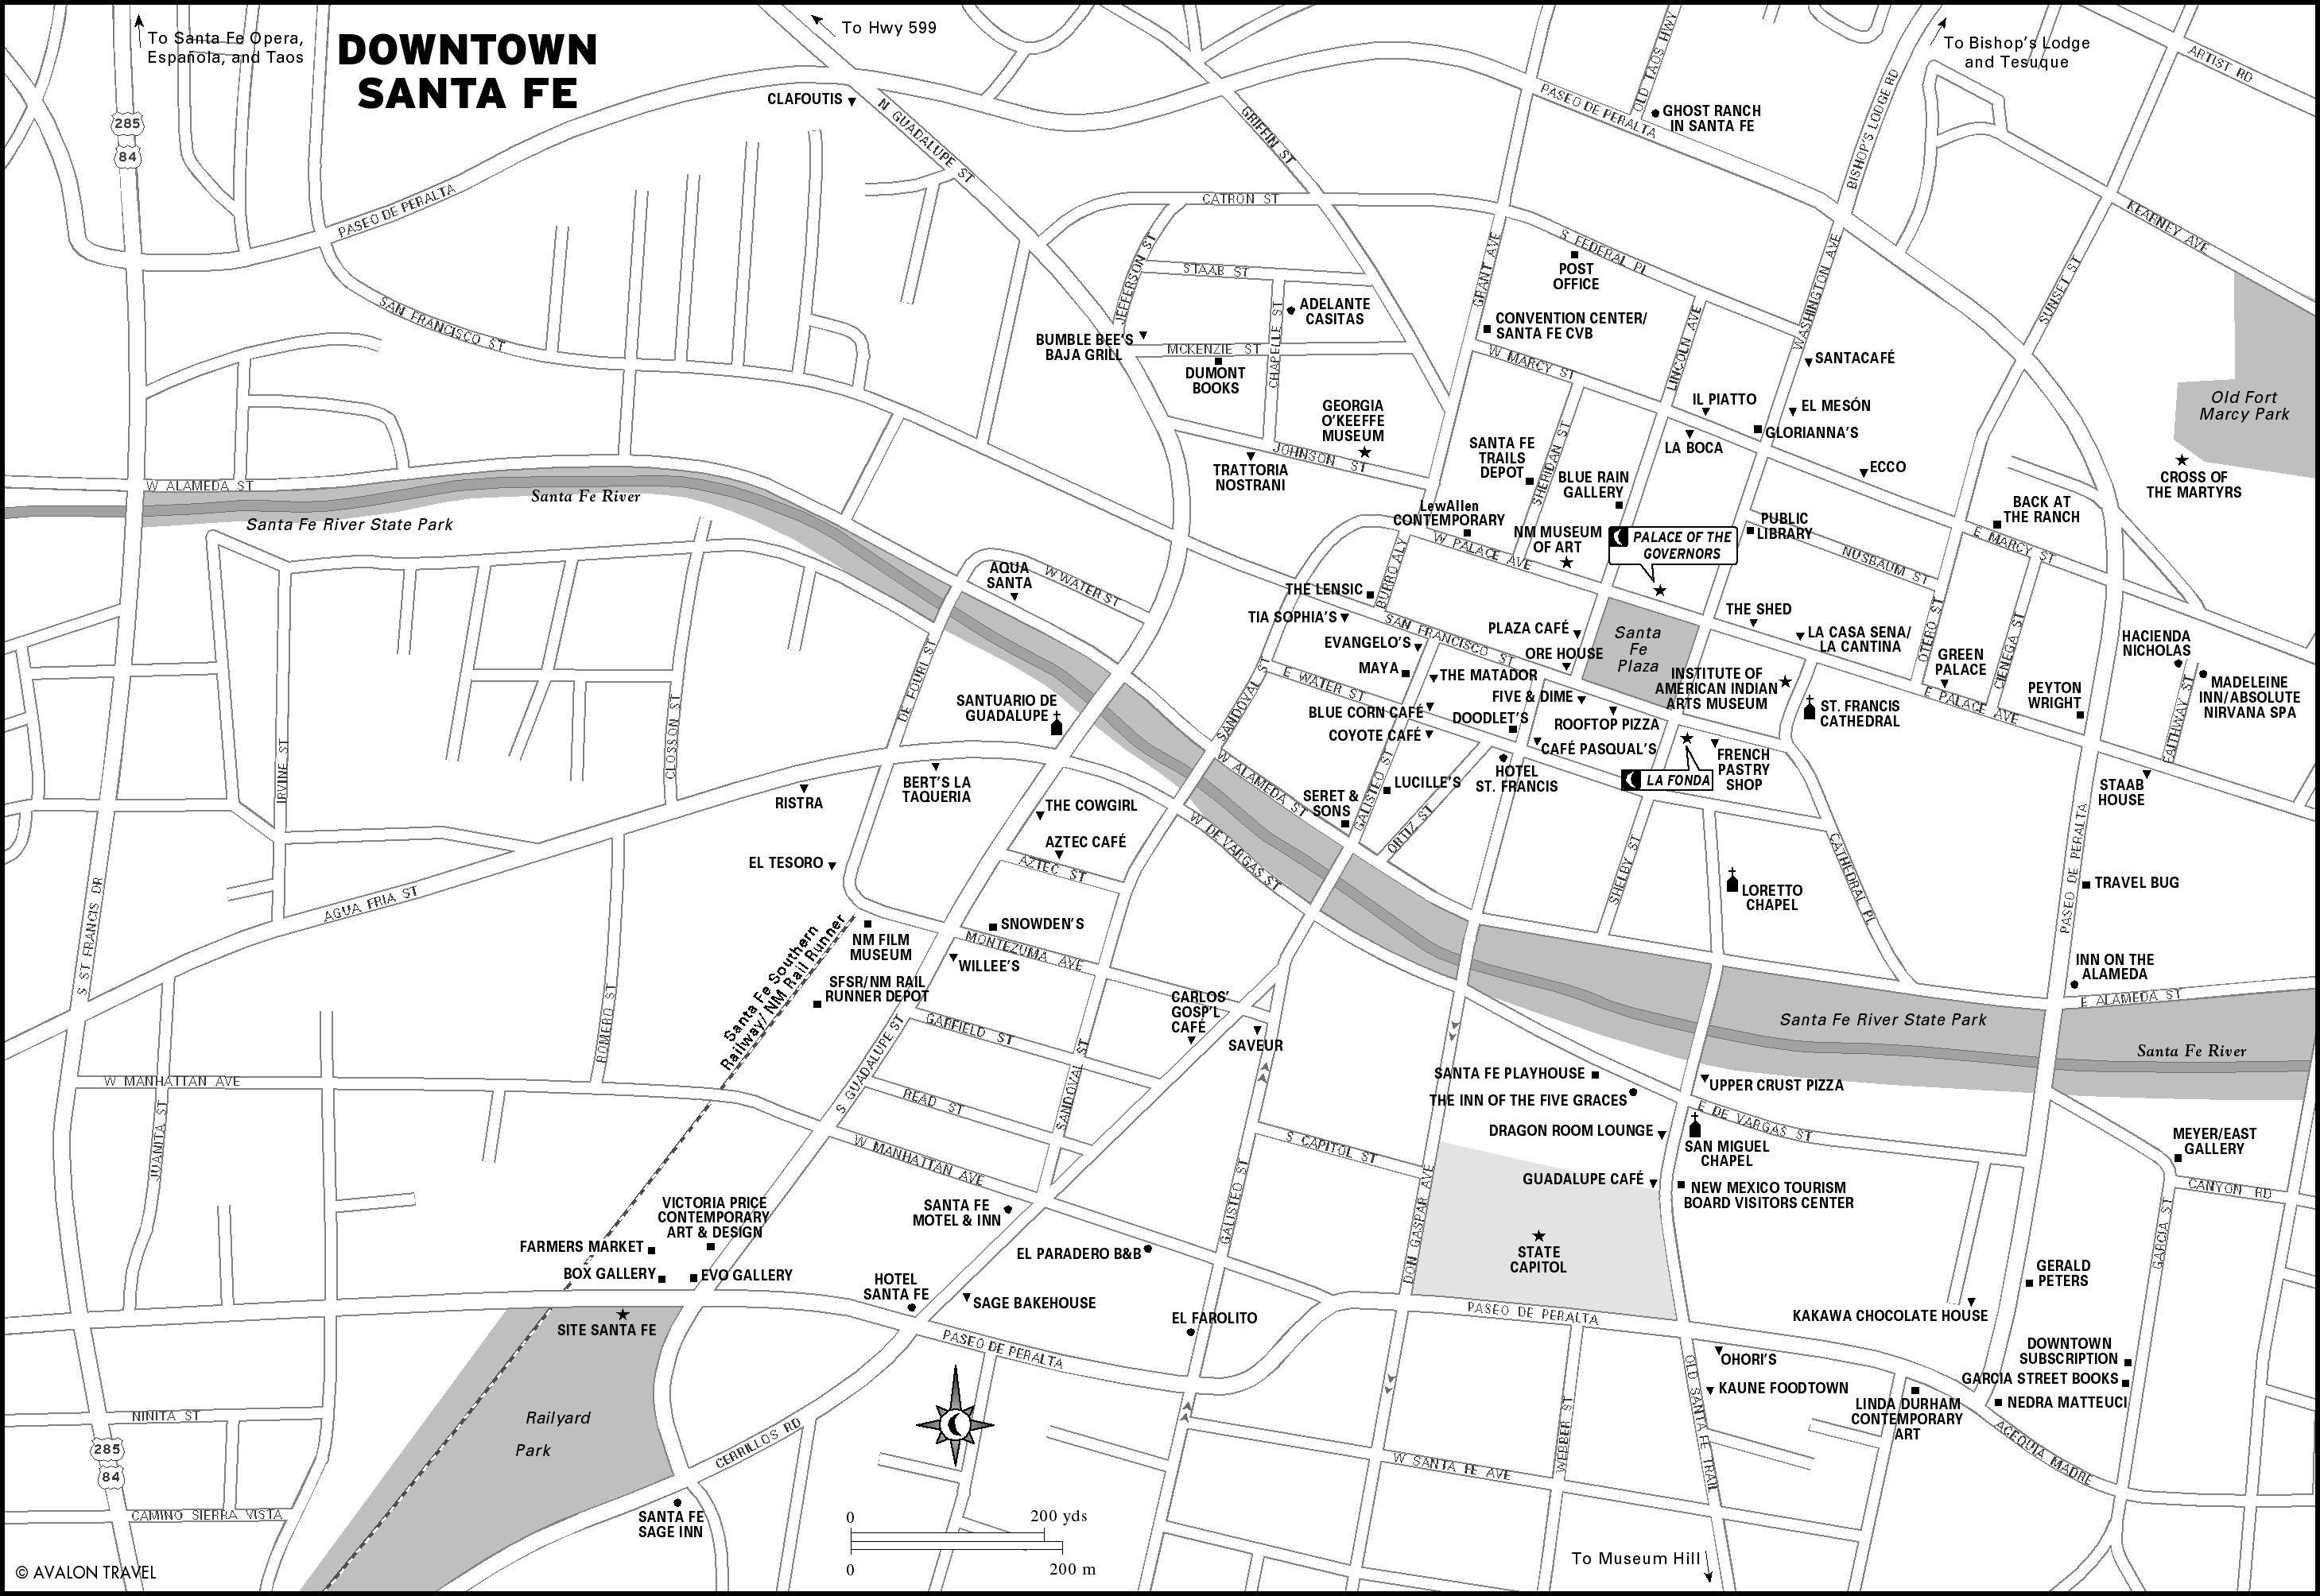 Downtown Santa Fe New Mexico Map - Santa Fe New Mexico ...